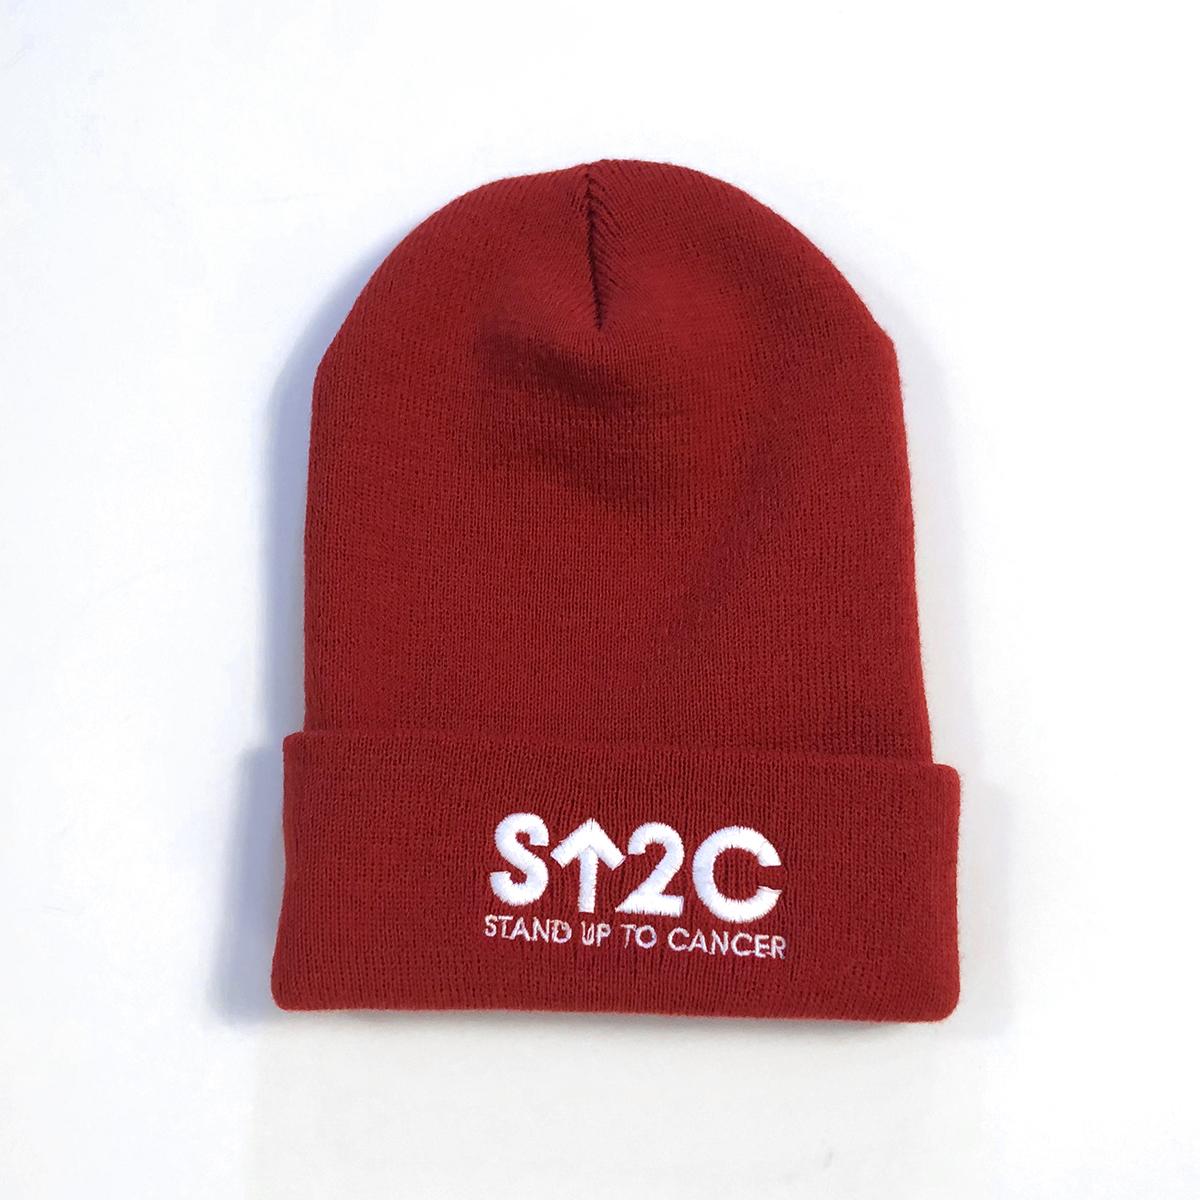 SU2C Short Logo Beanie (Red)